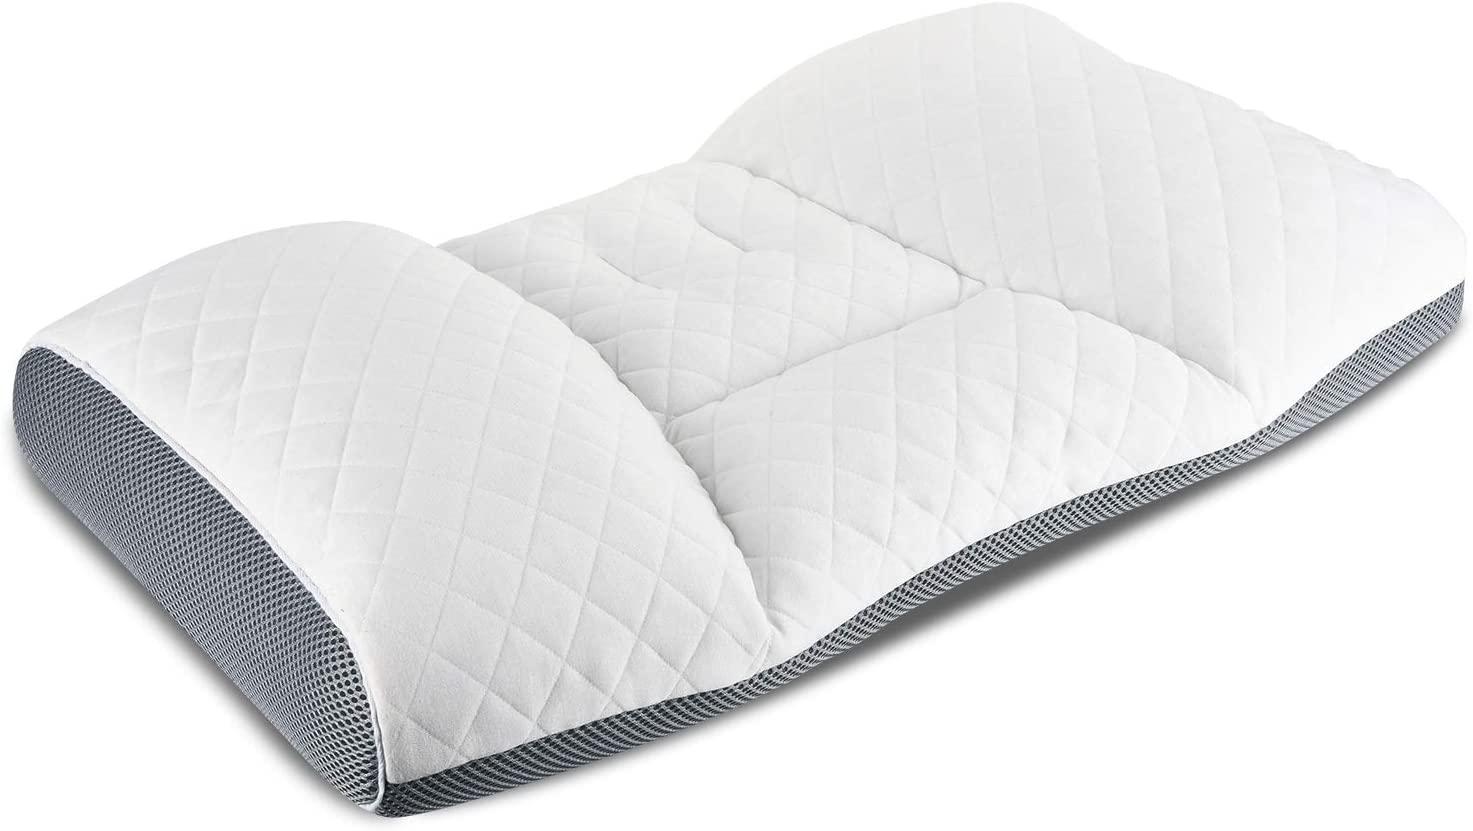 横向き寝枕のおすすめ13選!高さ調整できるタイプも